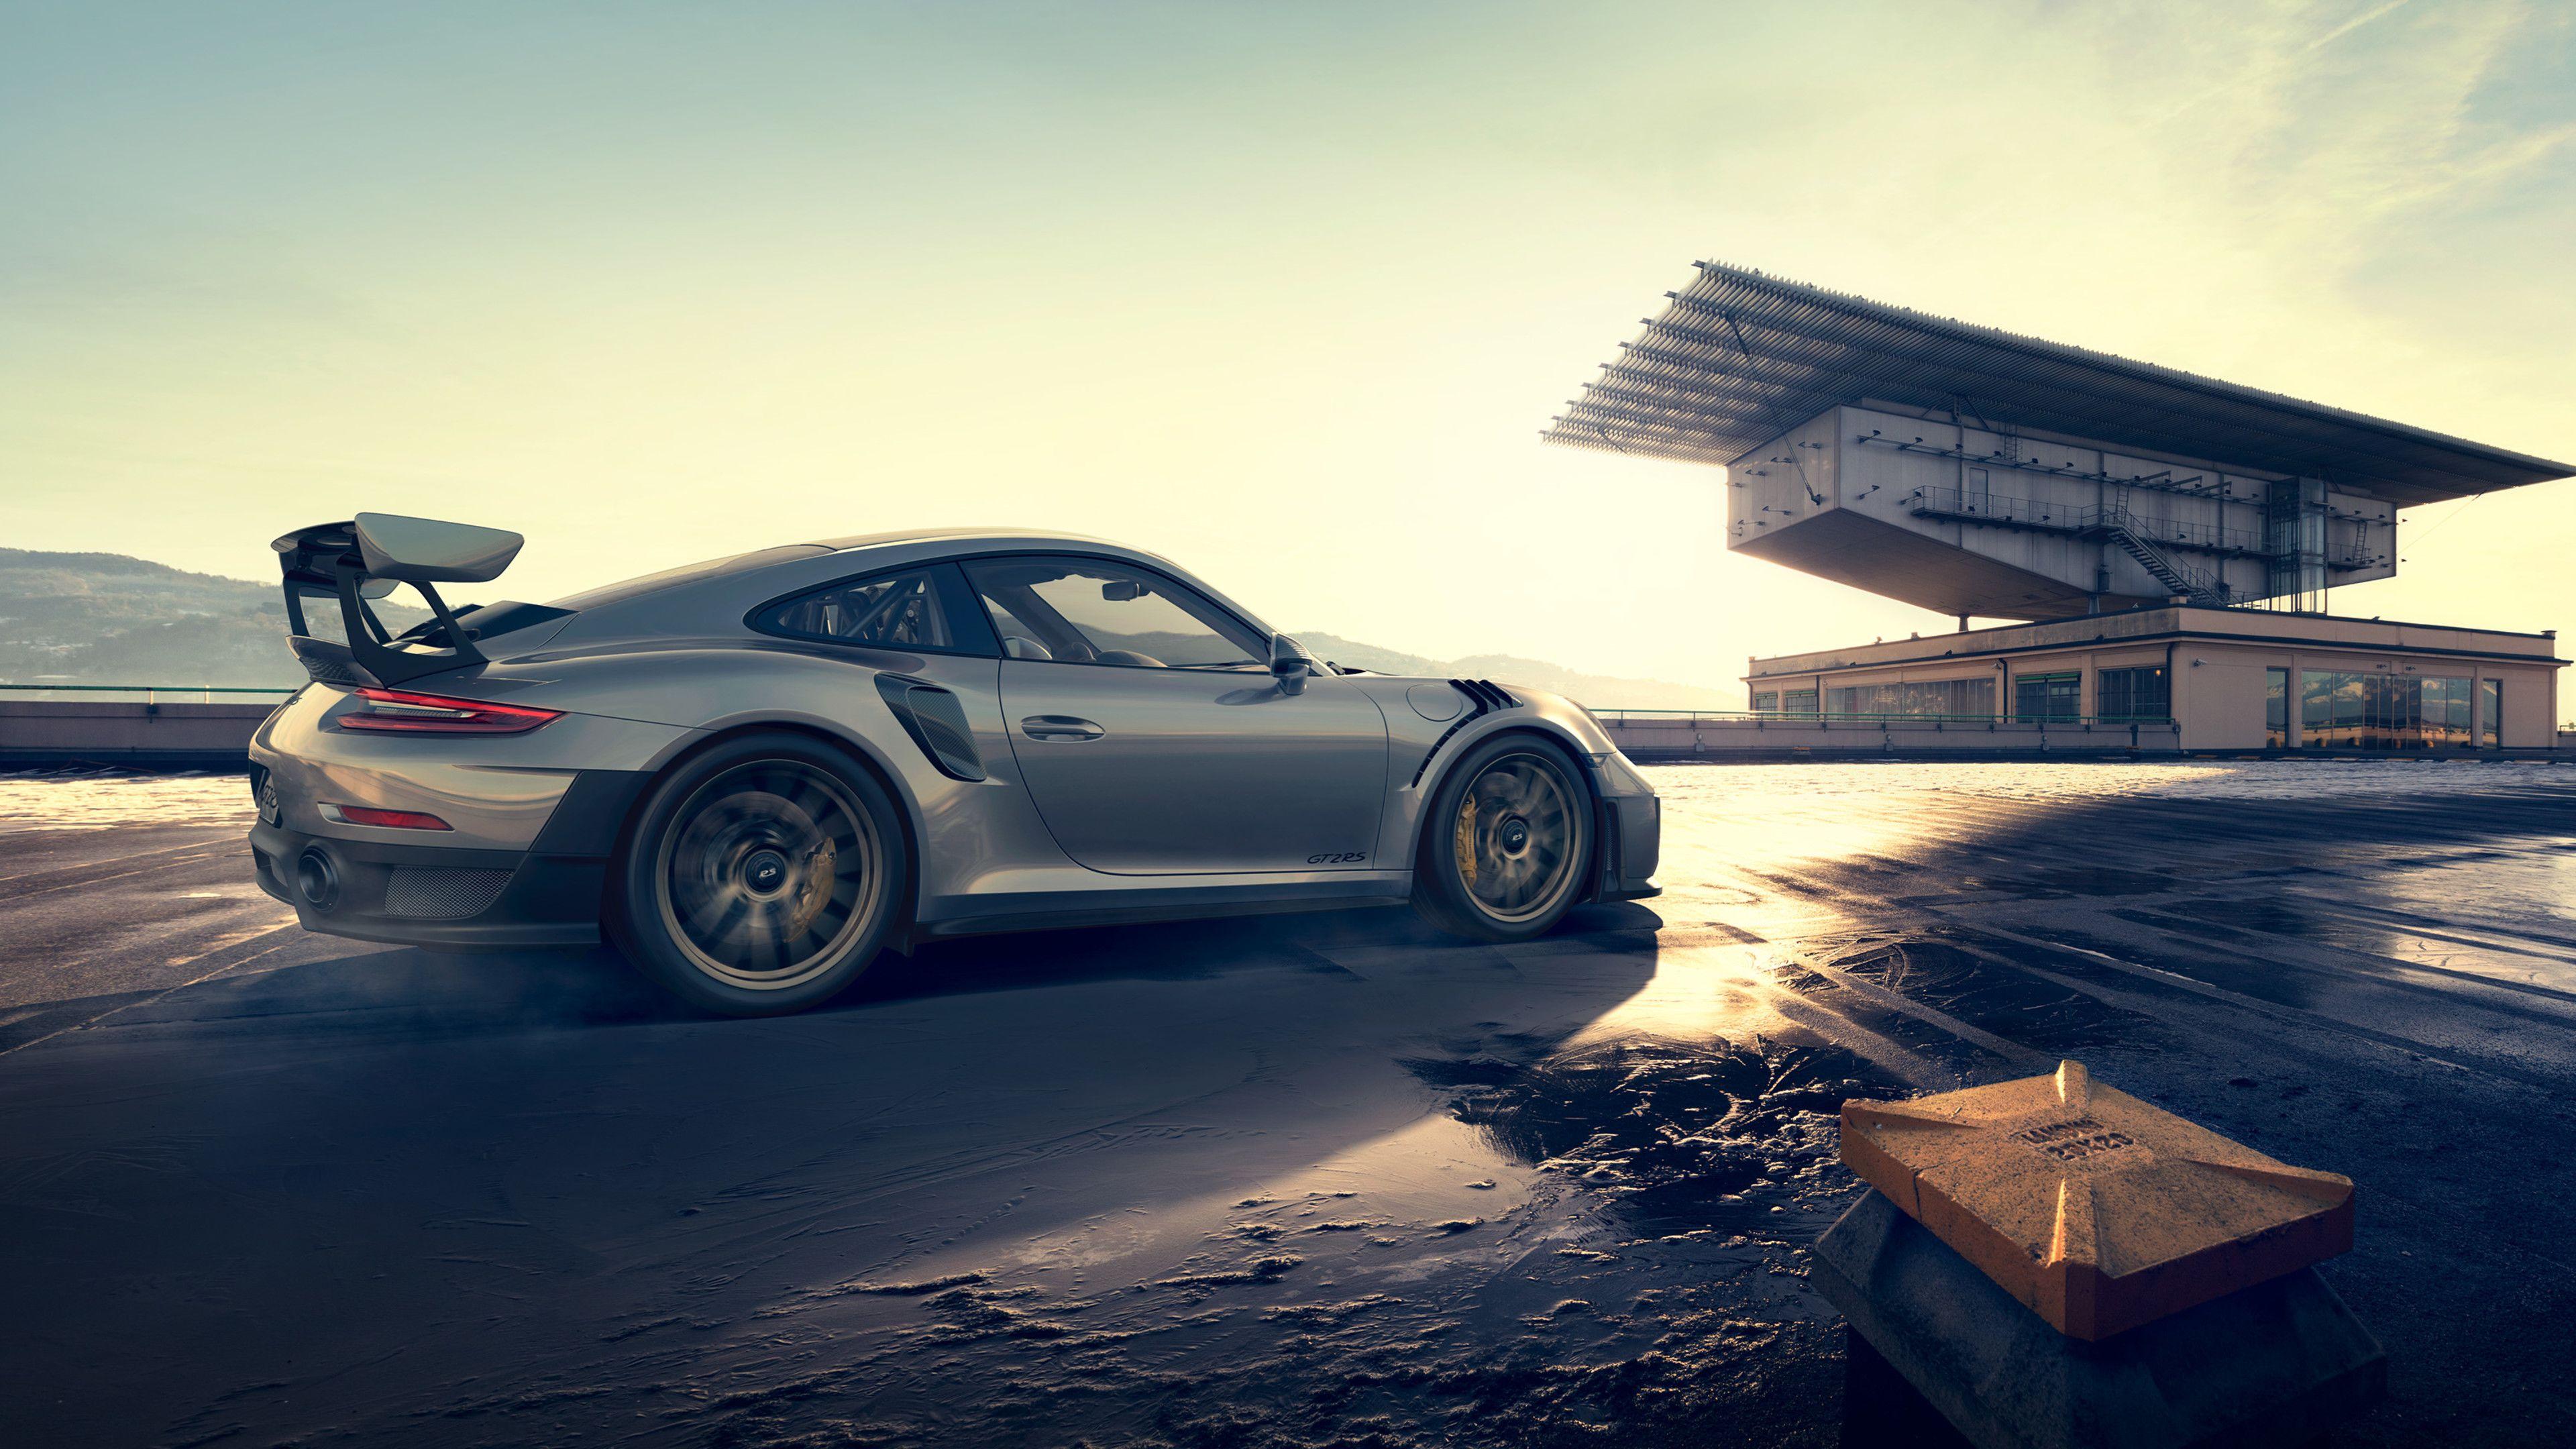 Porsche Gt2 Rs 4k Porsche Wallpapers Hd Wallpapers Cars Wallpapers Behance Wallpapers 4k Wallpapers Porsche Gt3 Porsche 911 Gt2 Rs Mercedes Wallpaper